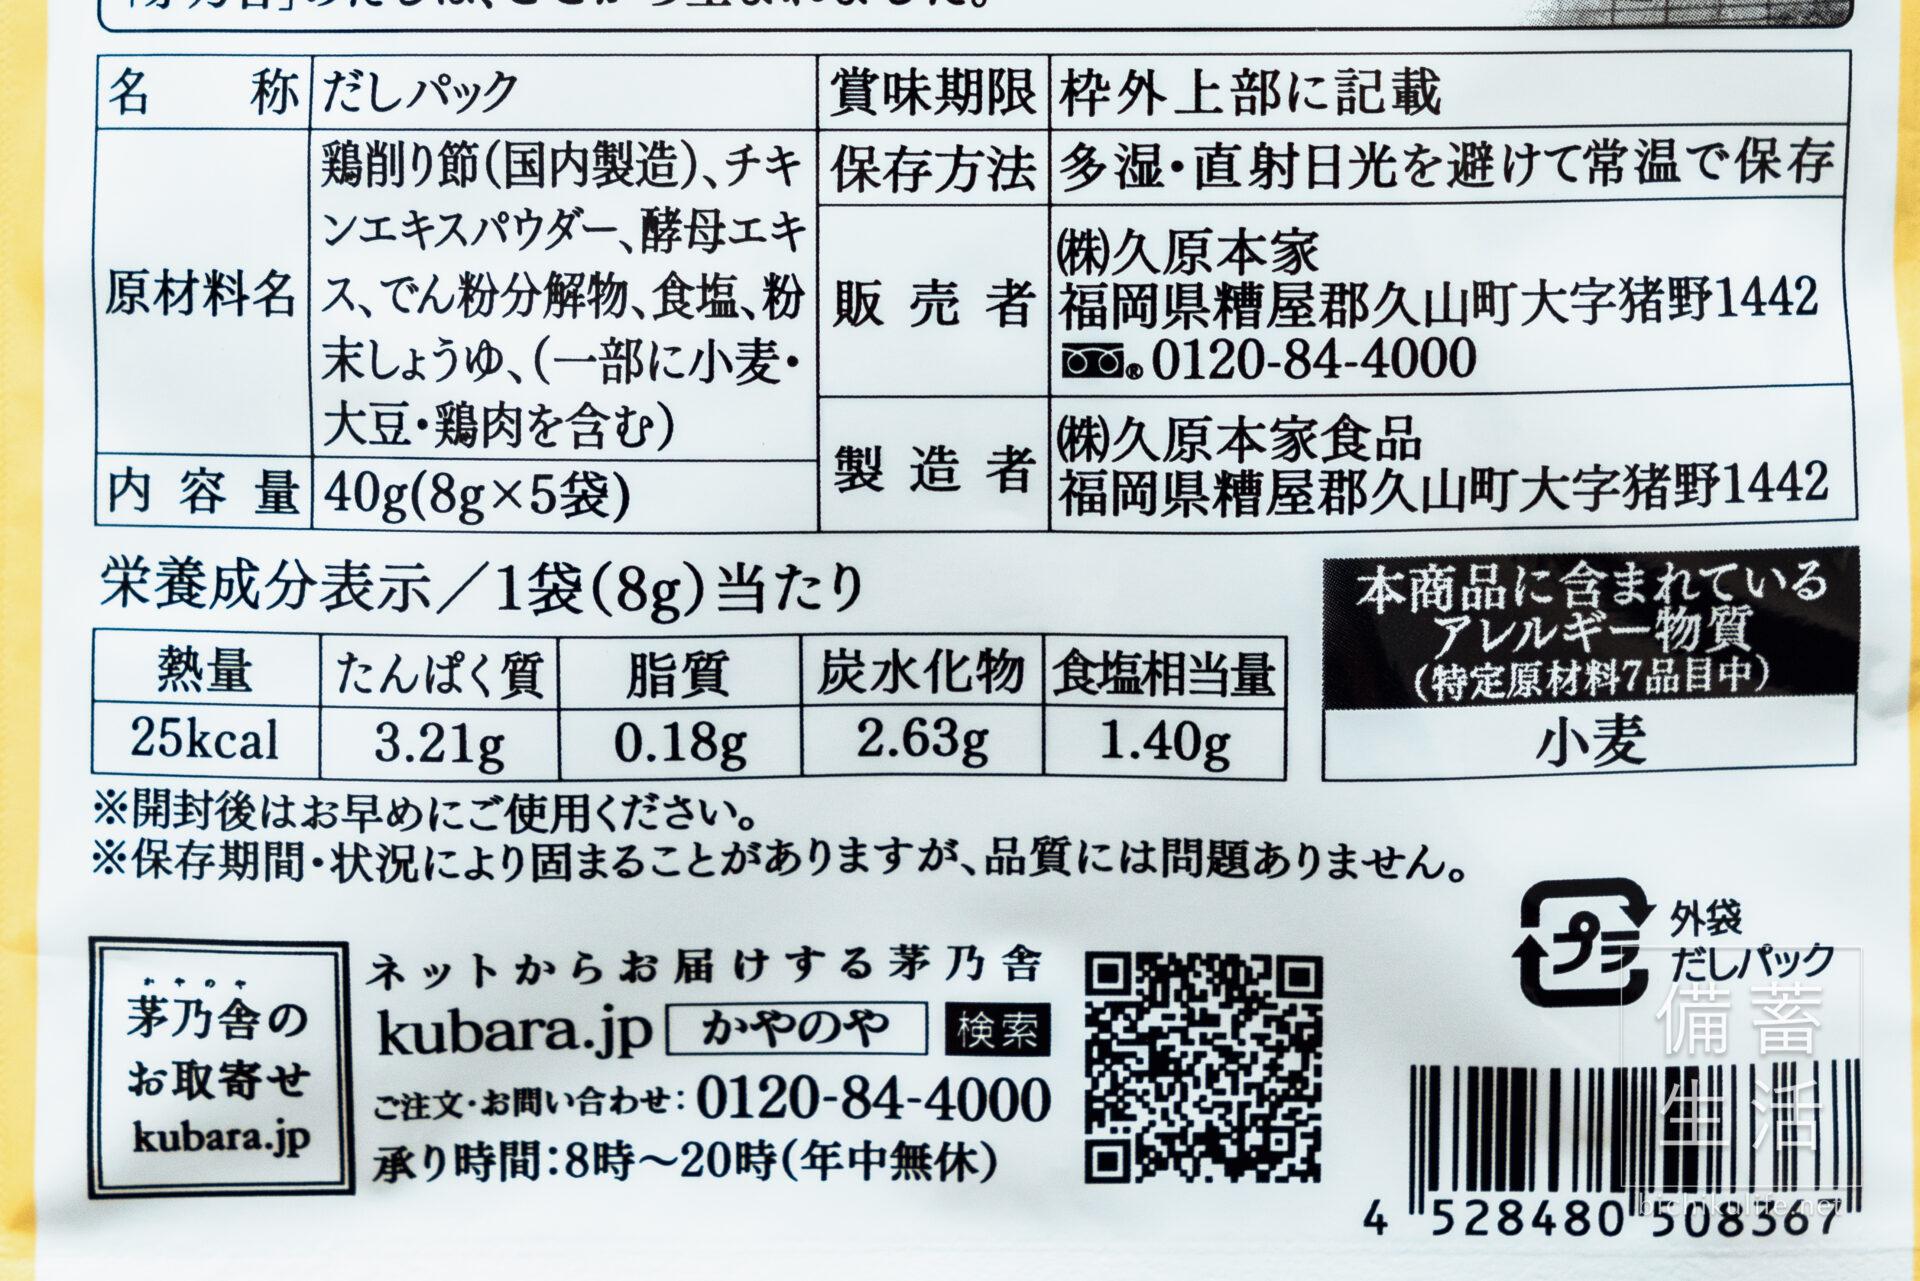 茅乃舎の鶏だしの商品概要・栄養成分表示